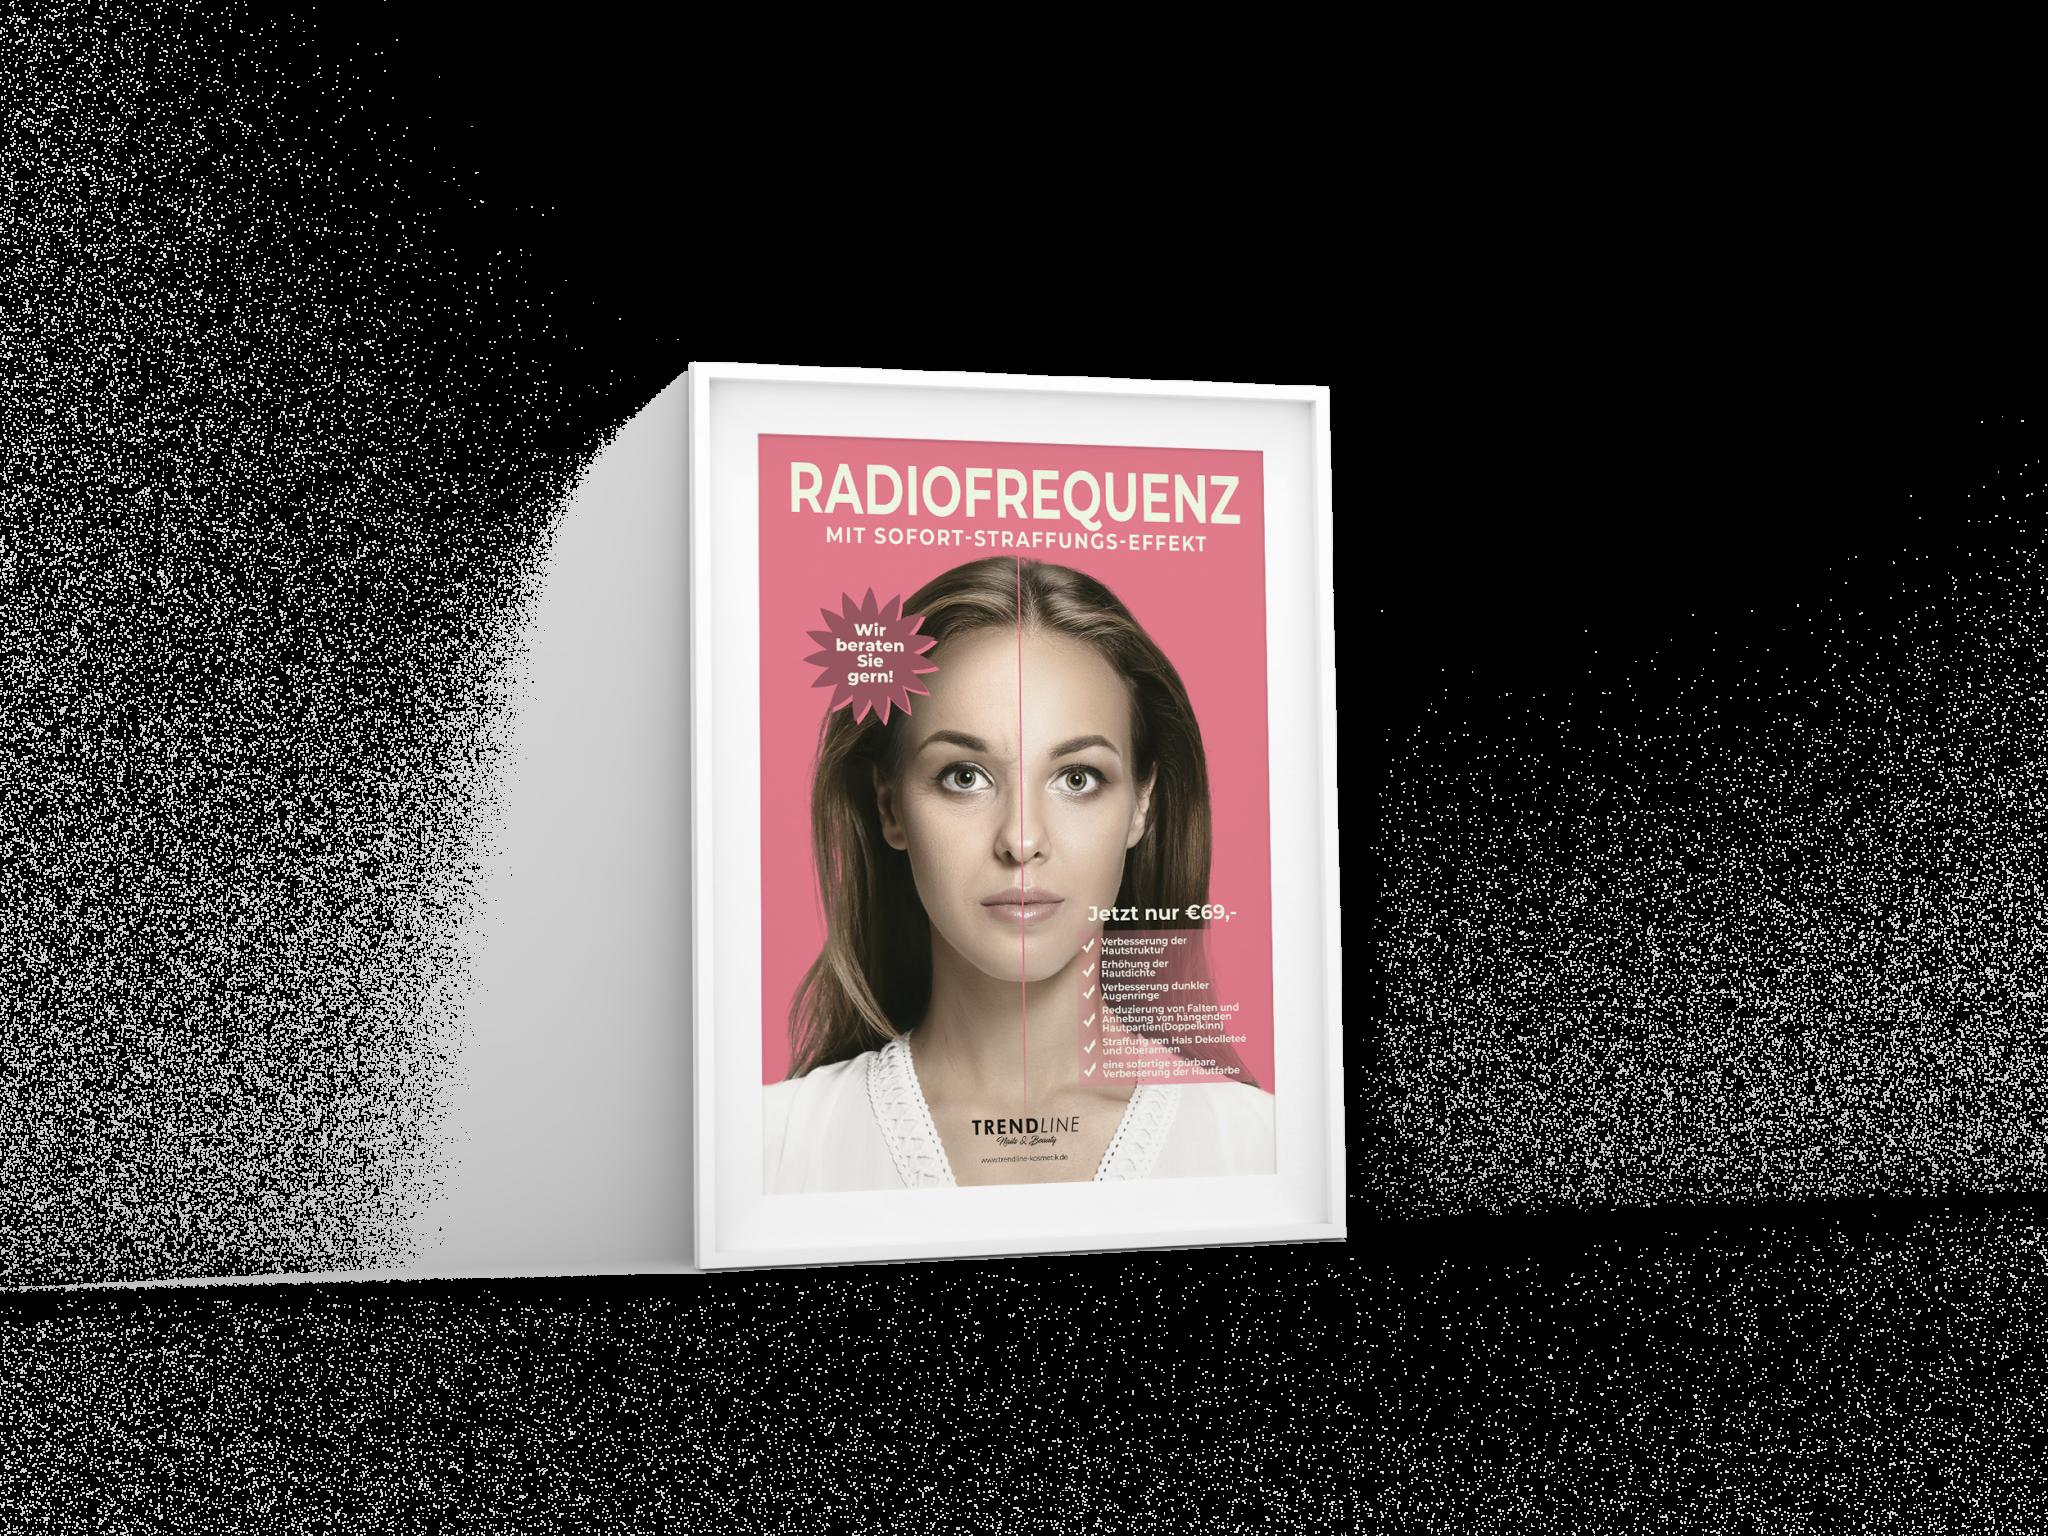 A1 Poster Trendline radiofrequenz